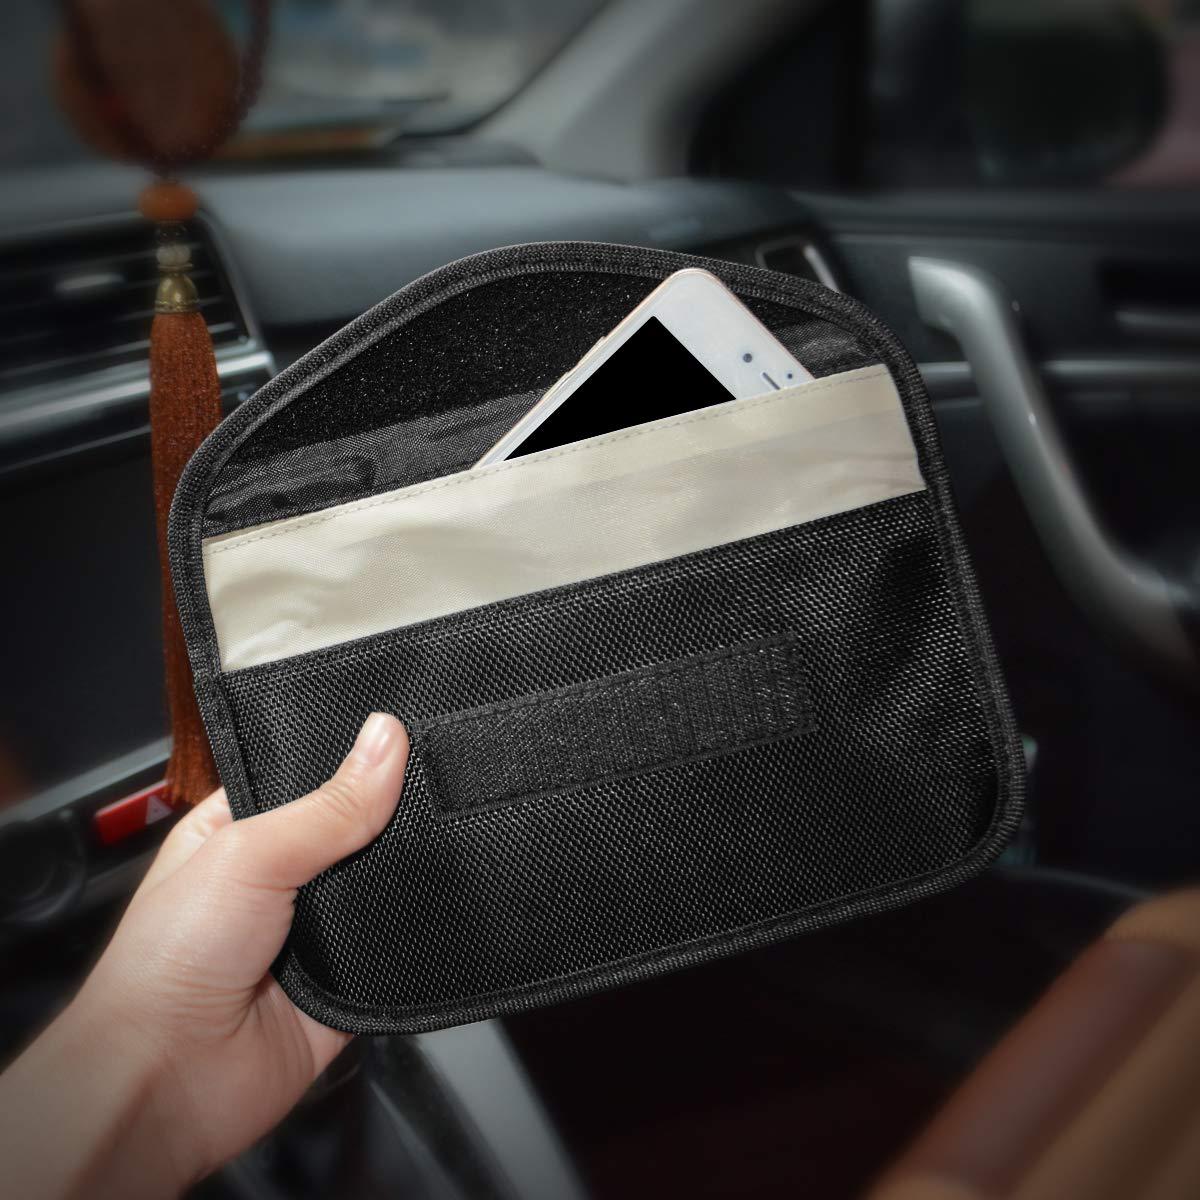 RFID Key Safe Strahlenschutz Tasche MONOJOY Auto Signal Keyless Schl/üsseletui Funkschl/üssel Abschirmung 2 Packungen Keyless Go Schutz Autoschl/üssel